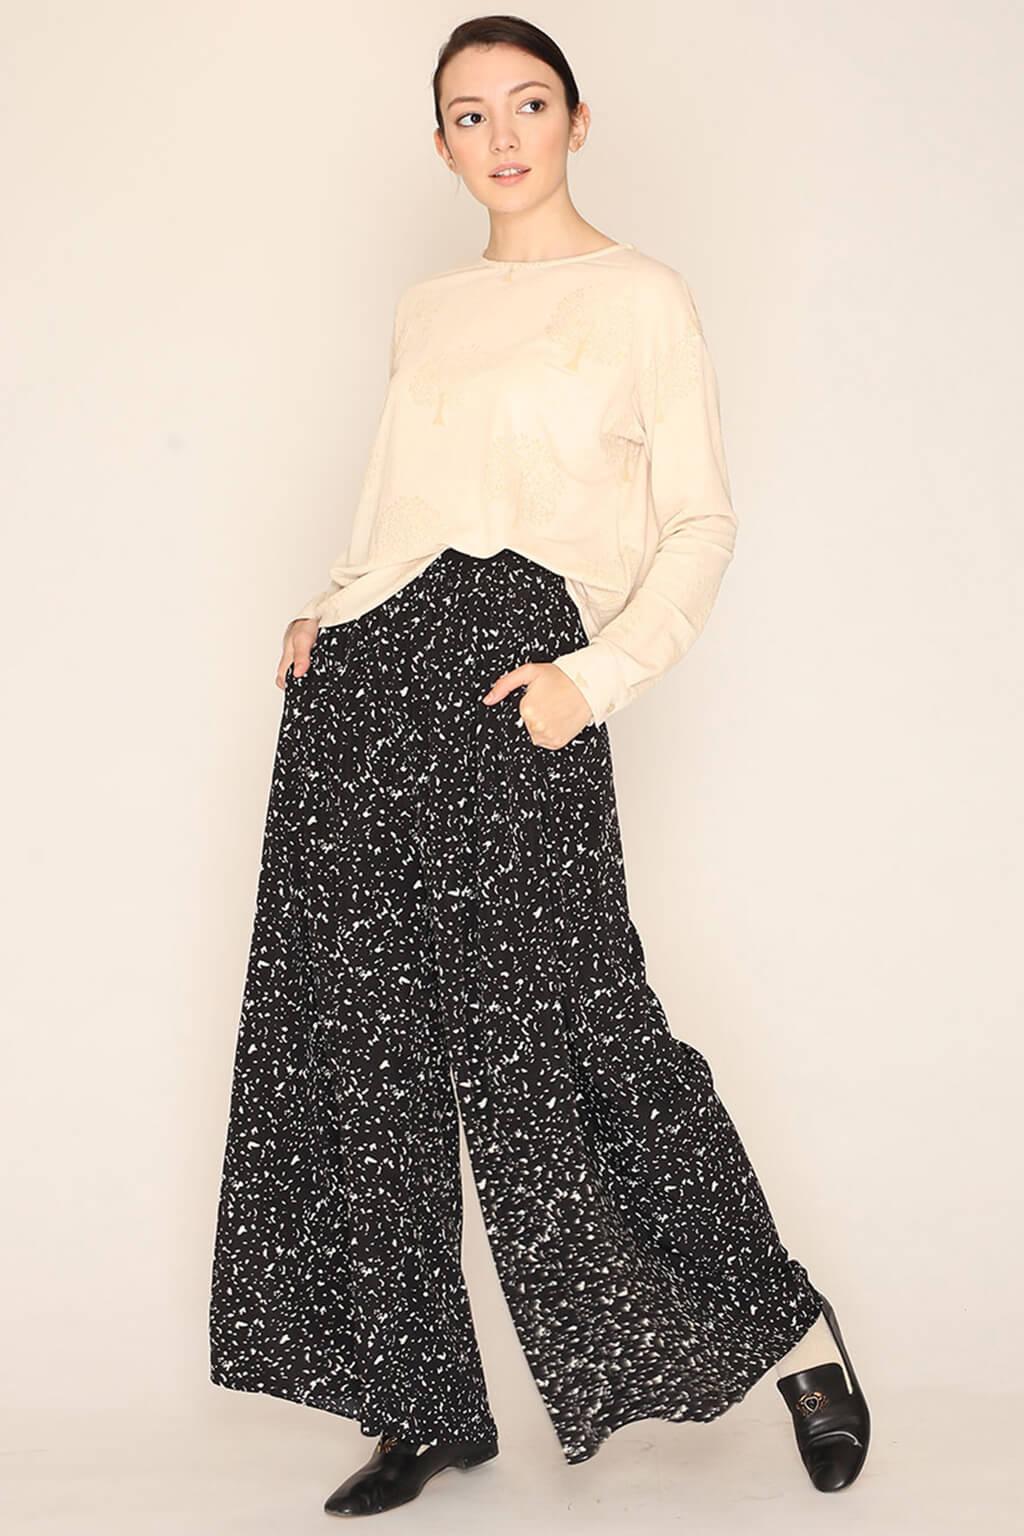 Pantalón oversize negro y blanco